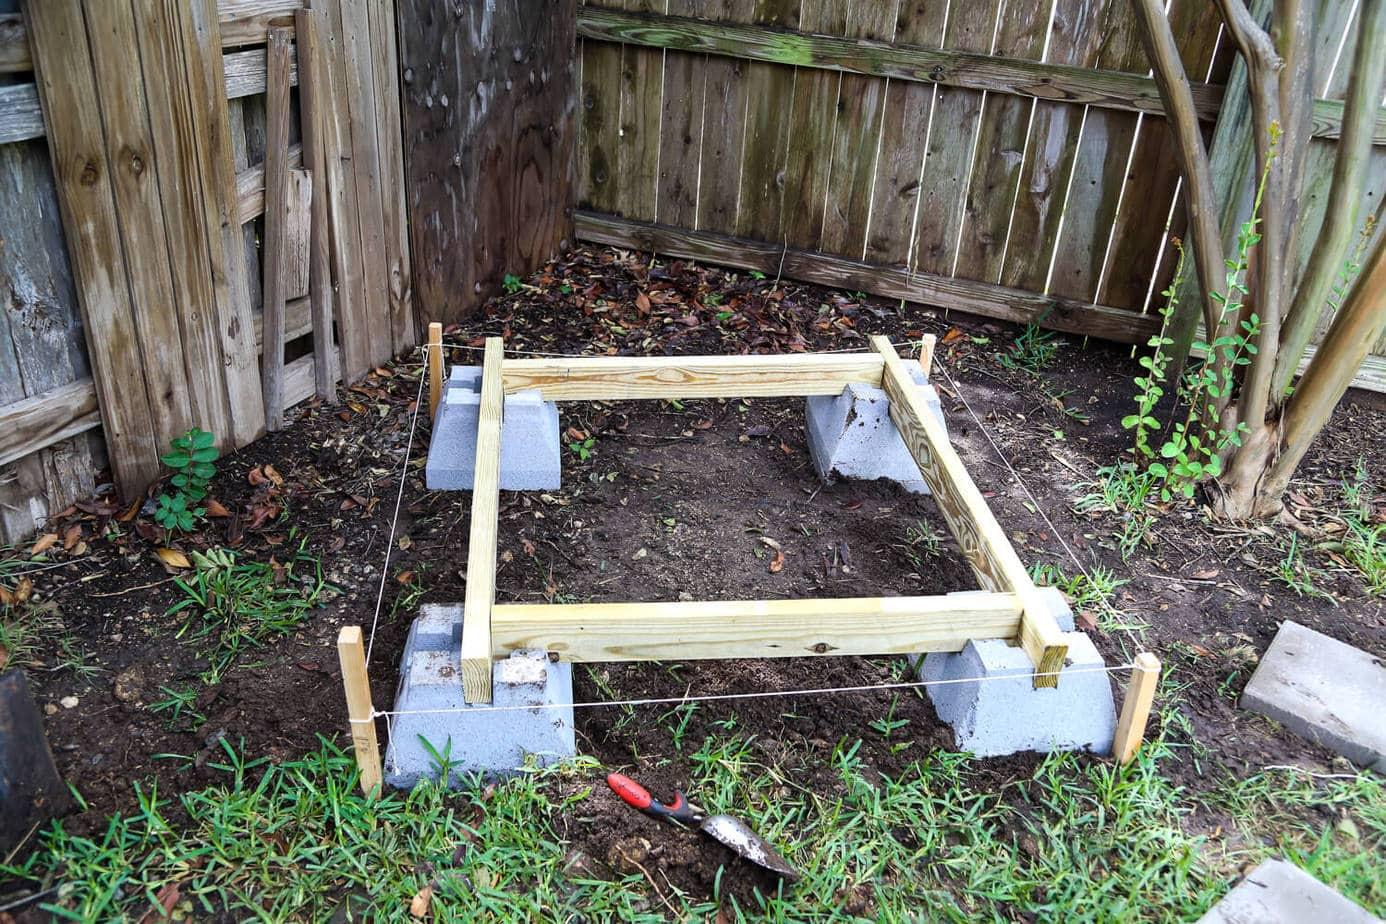 Build Backyard Playhouse diy playhouse: how to build a backyard playhouse for your toddler